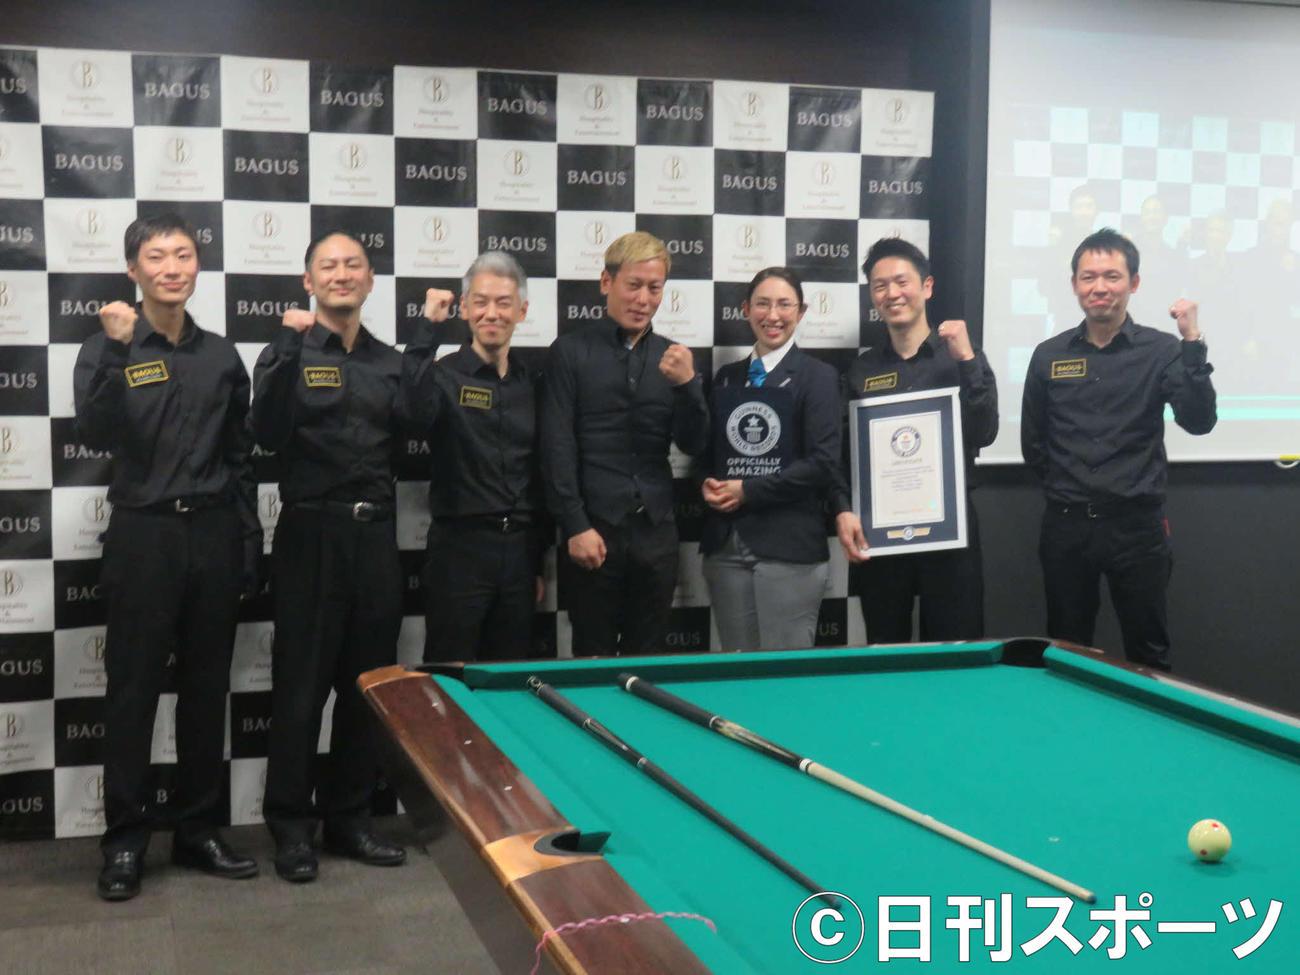 ビリヤード「スピードプール」で、プロ5人と共にギネス世界記録を達成したじゅんいちダビッドソン(左から4人目)